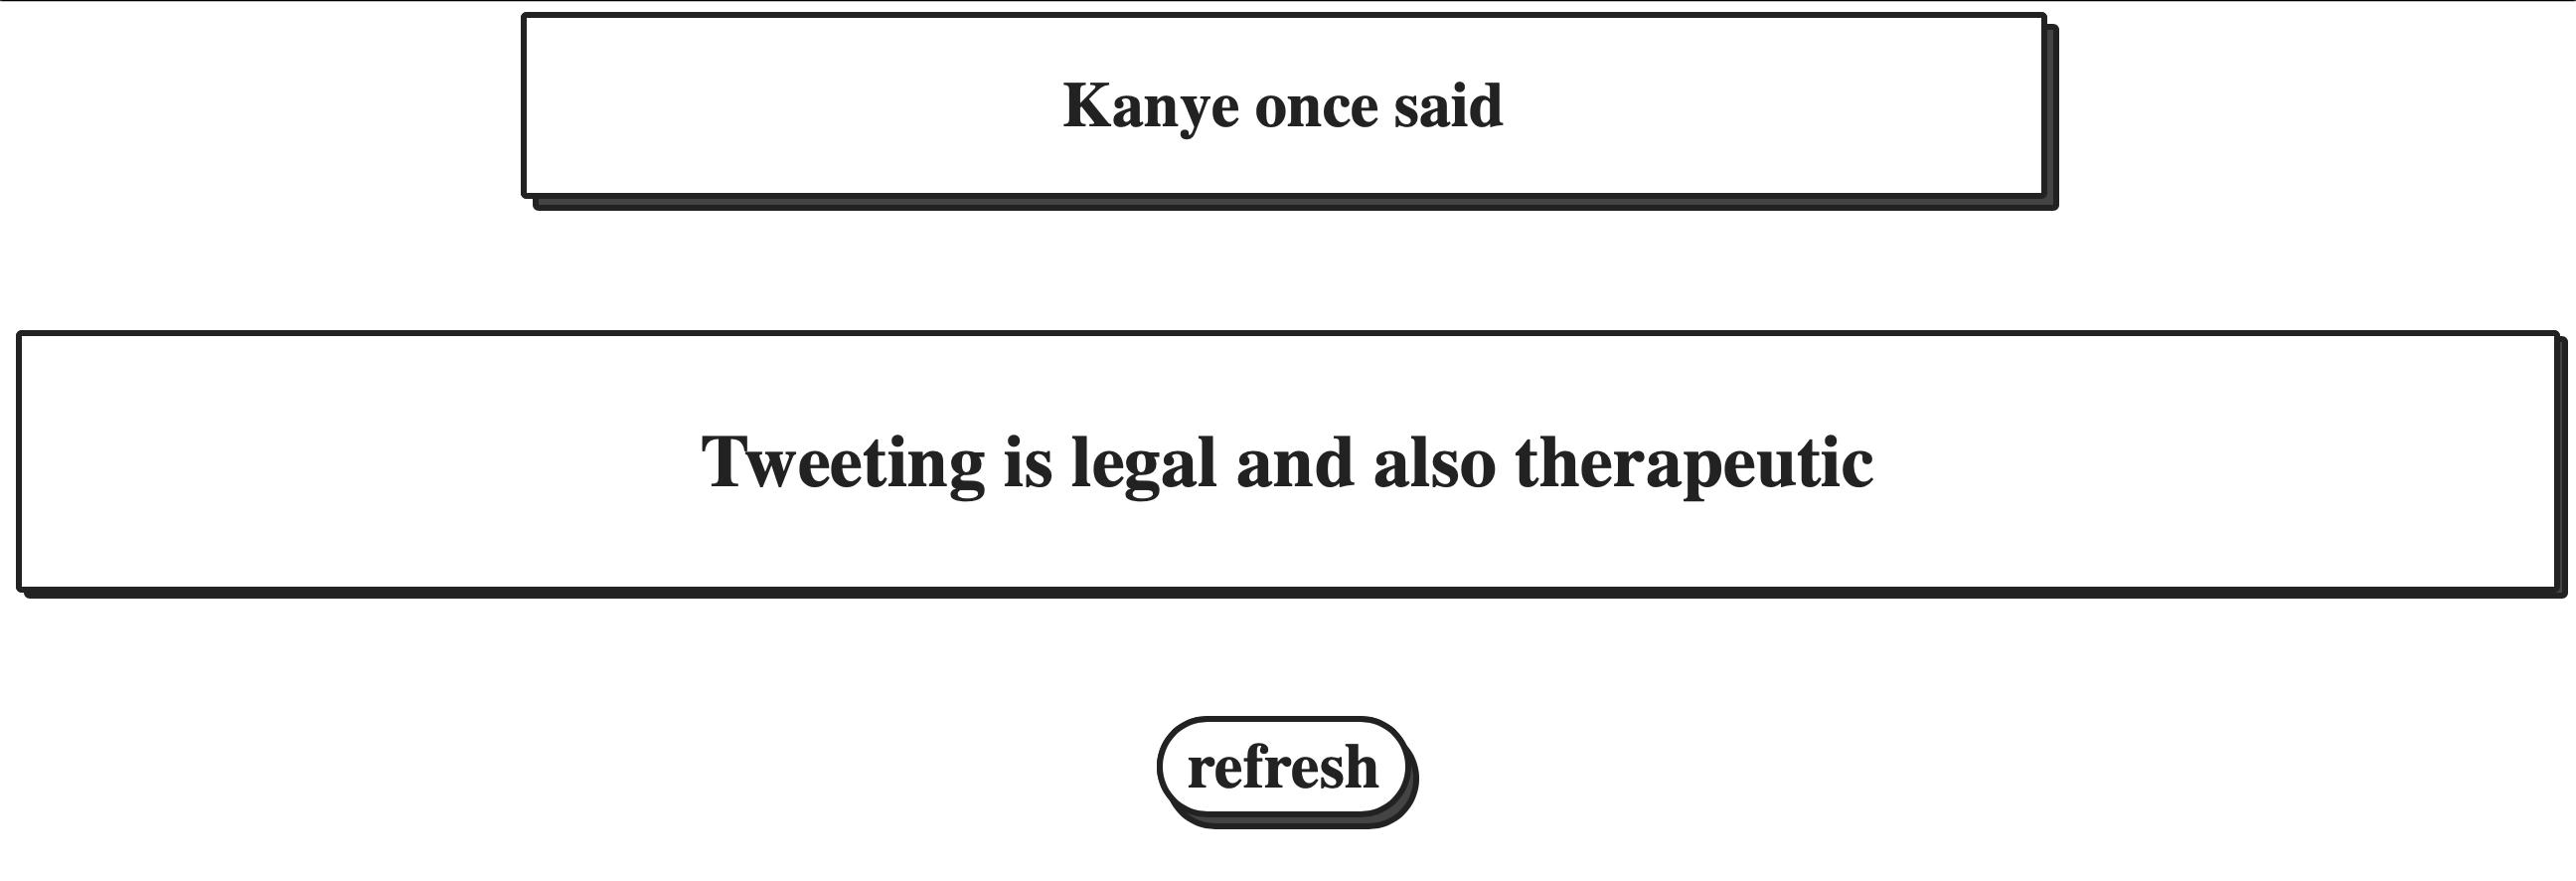 KanyeRest Quote Generator demo